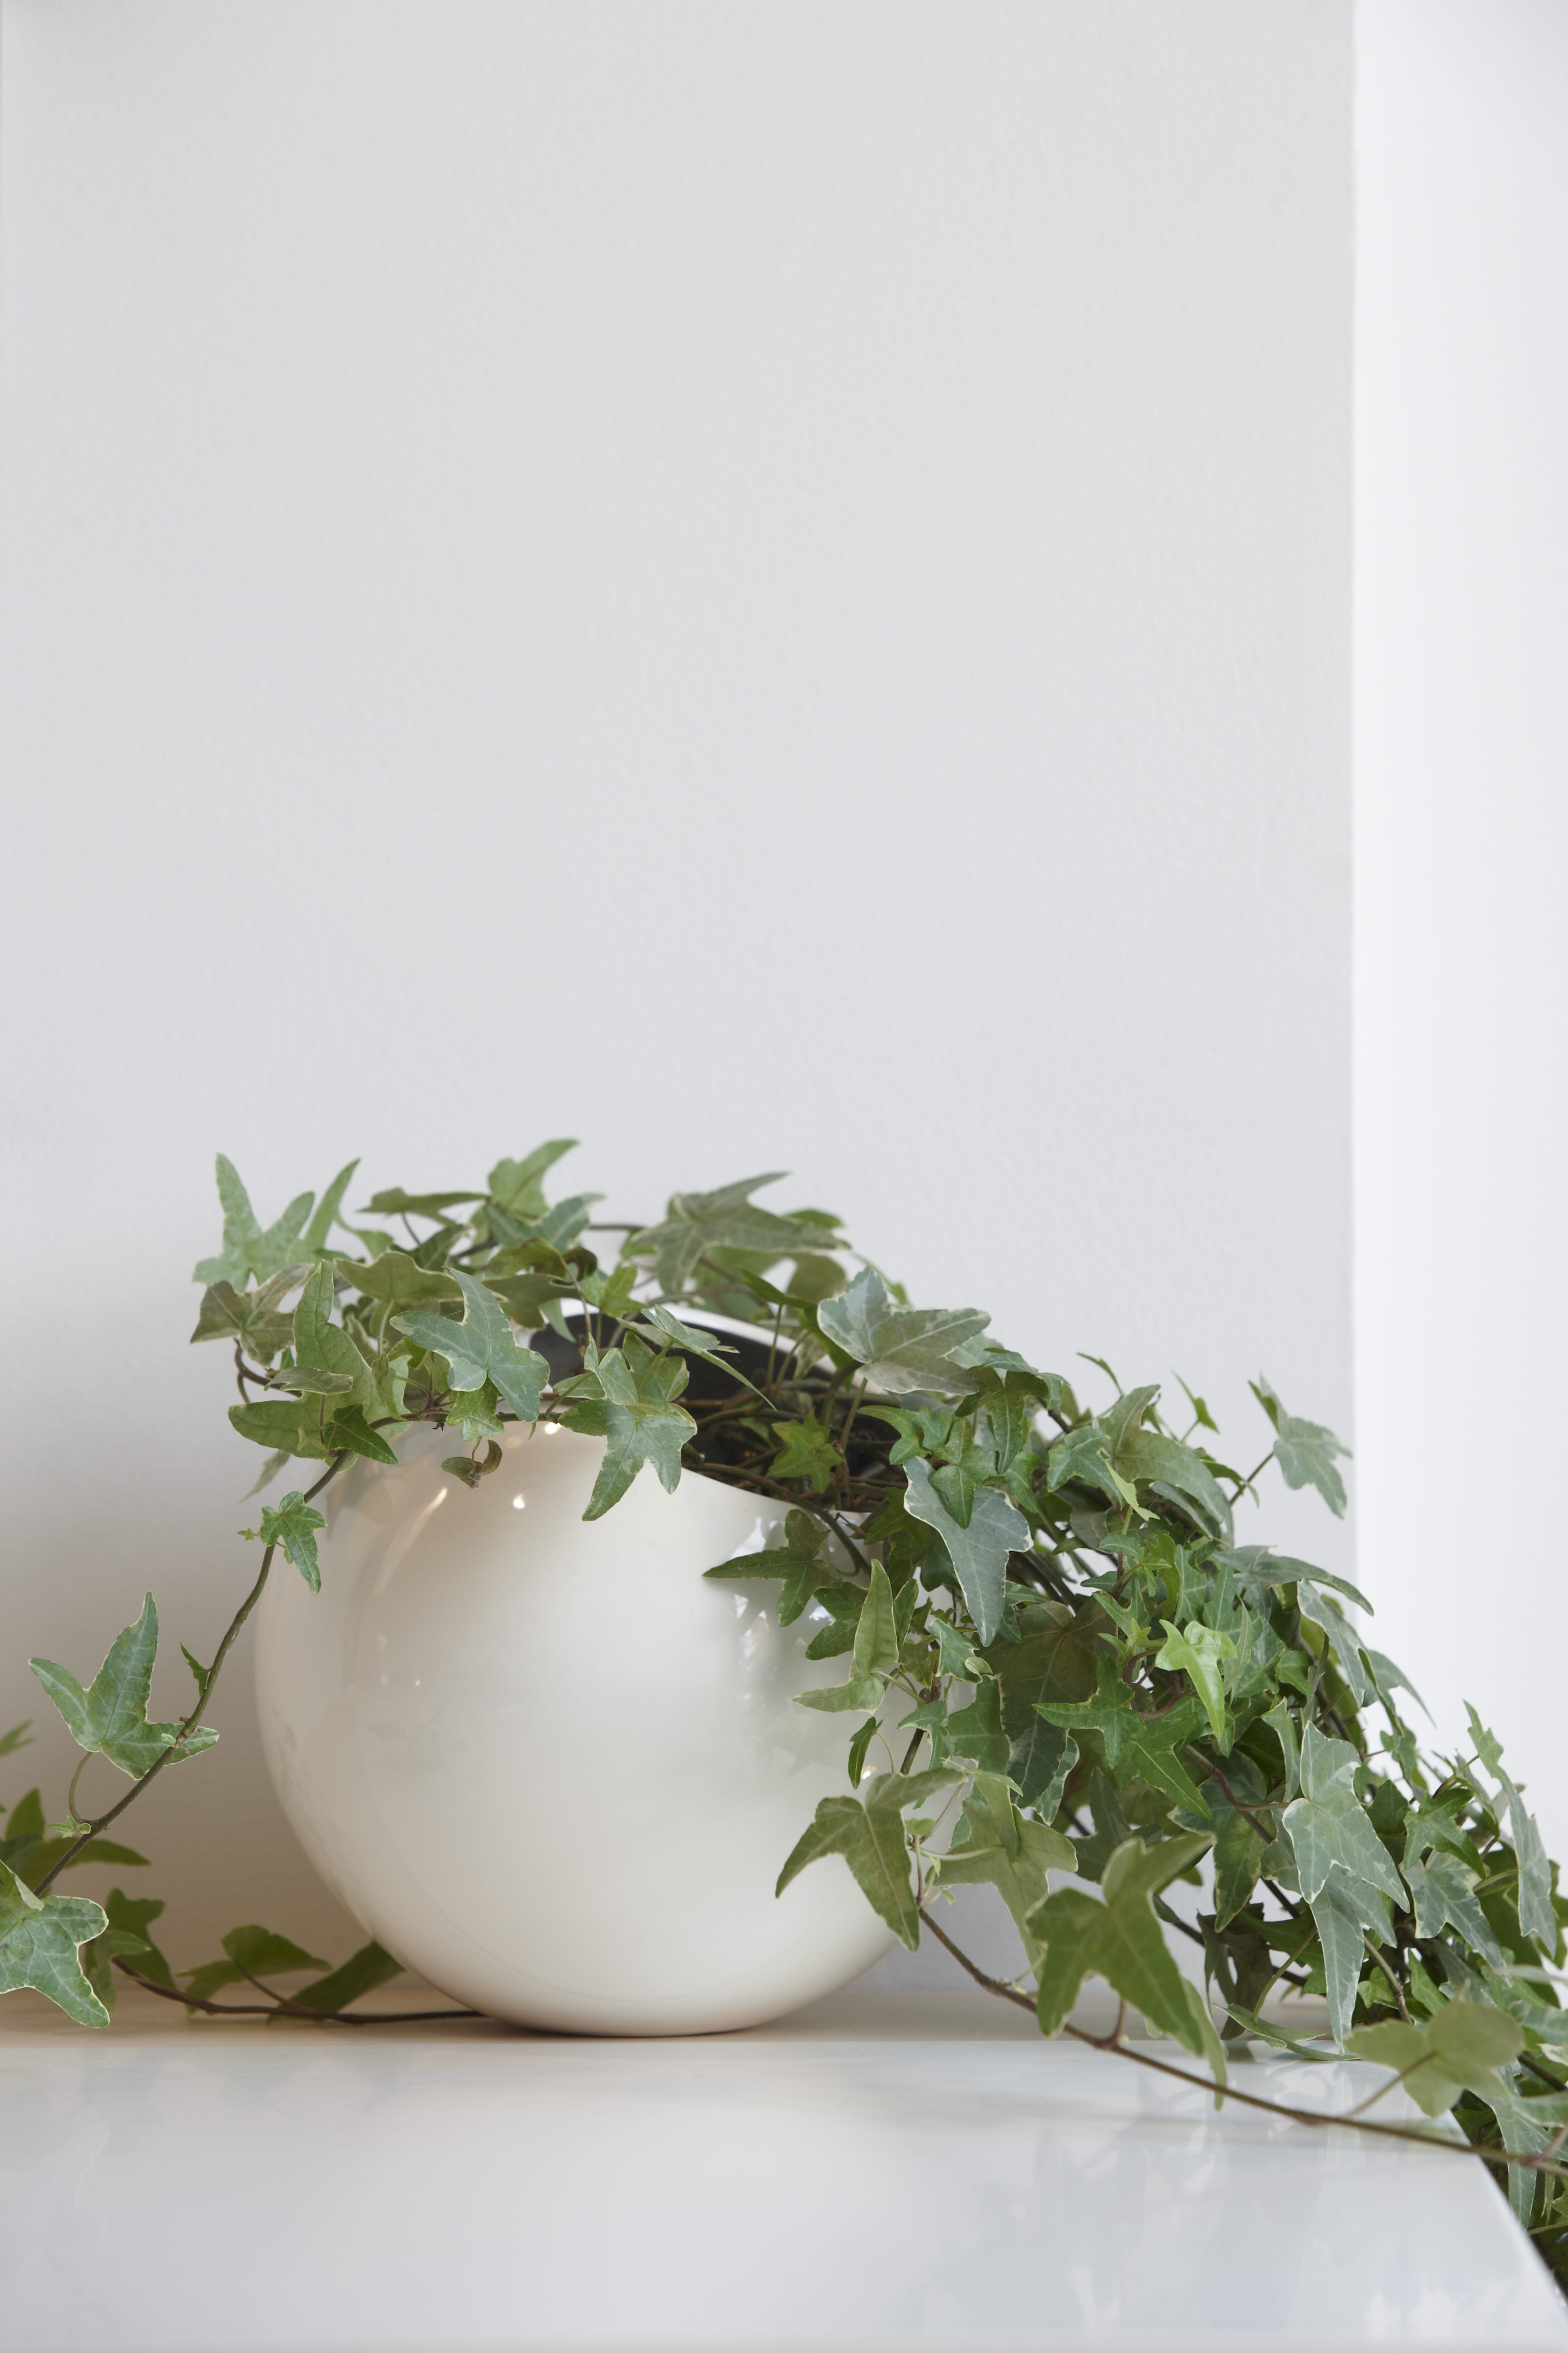 Vigne Lierre En Pot 10 Plantes D 39 Int Rieur Suspendre